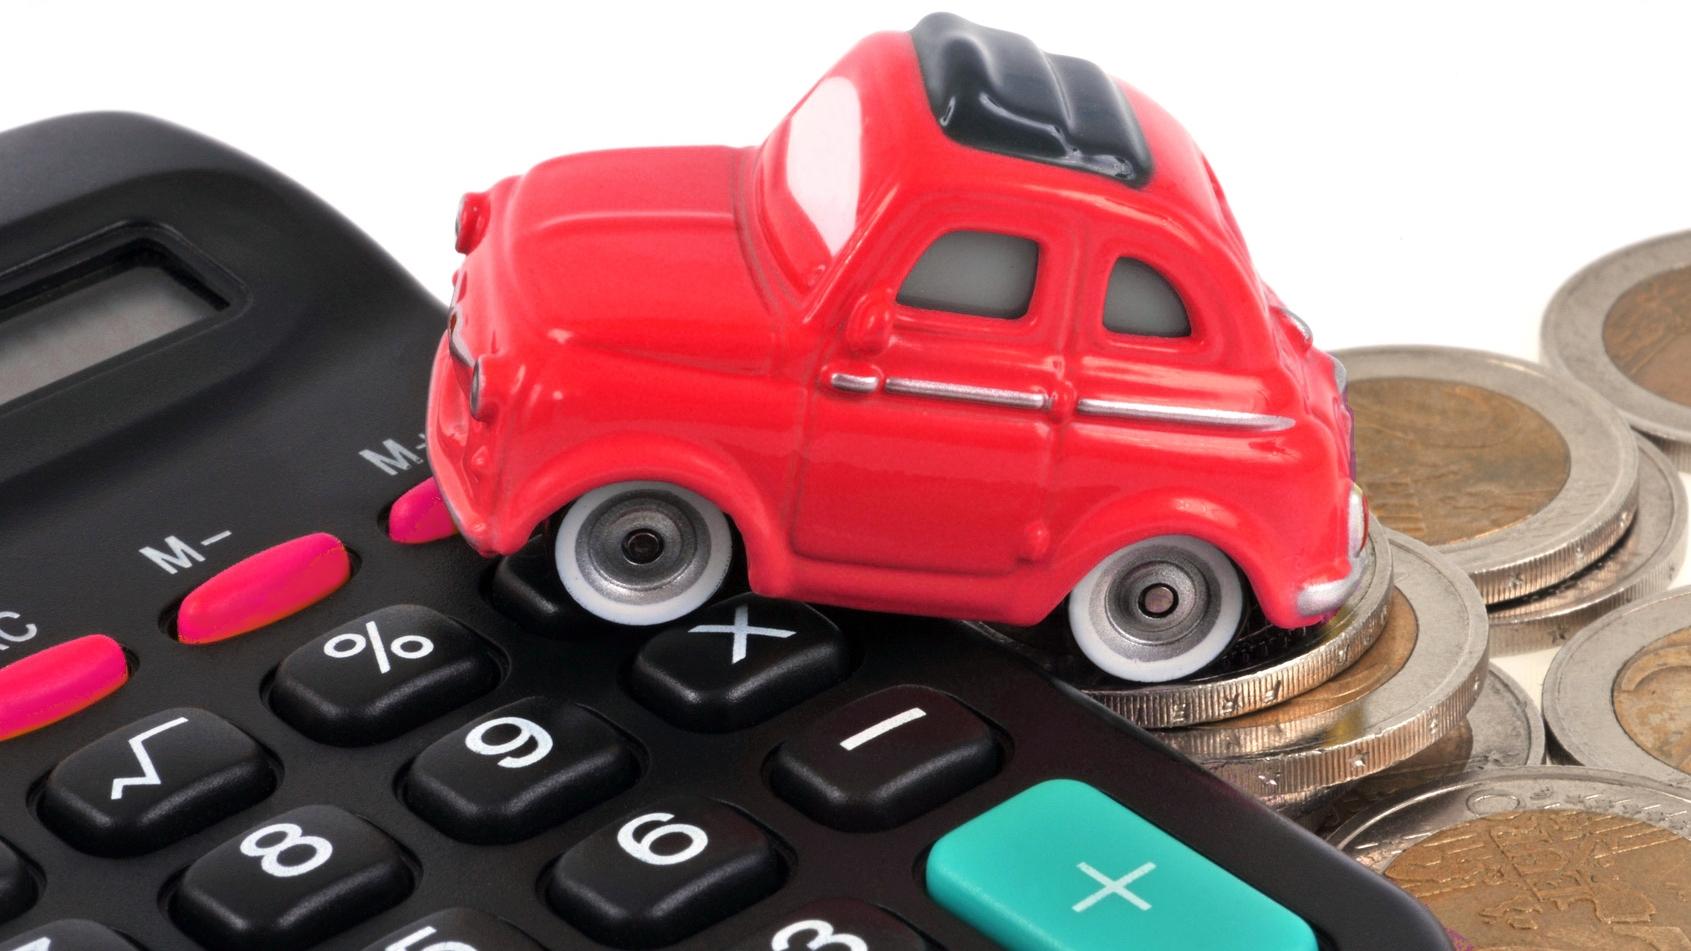 Cote automobile payante : que faut-il en penser ?